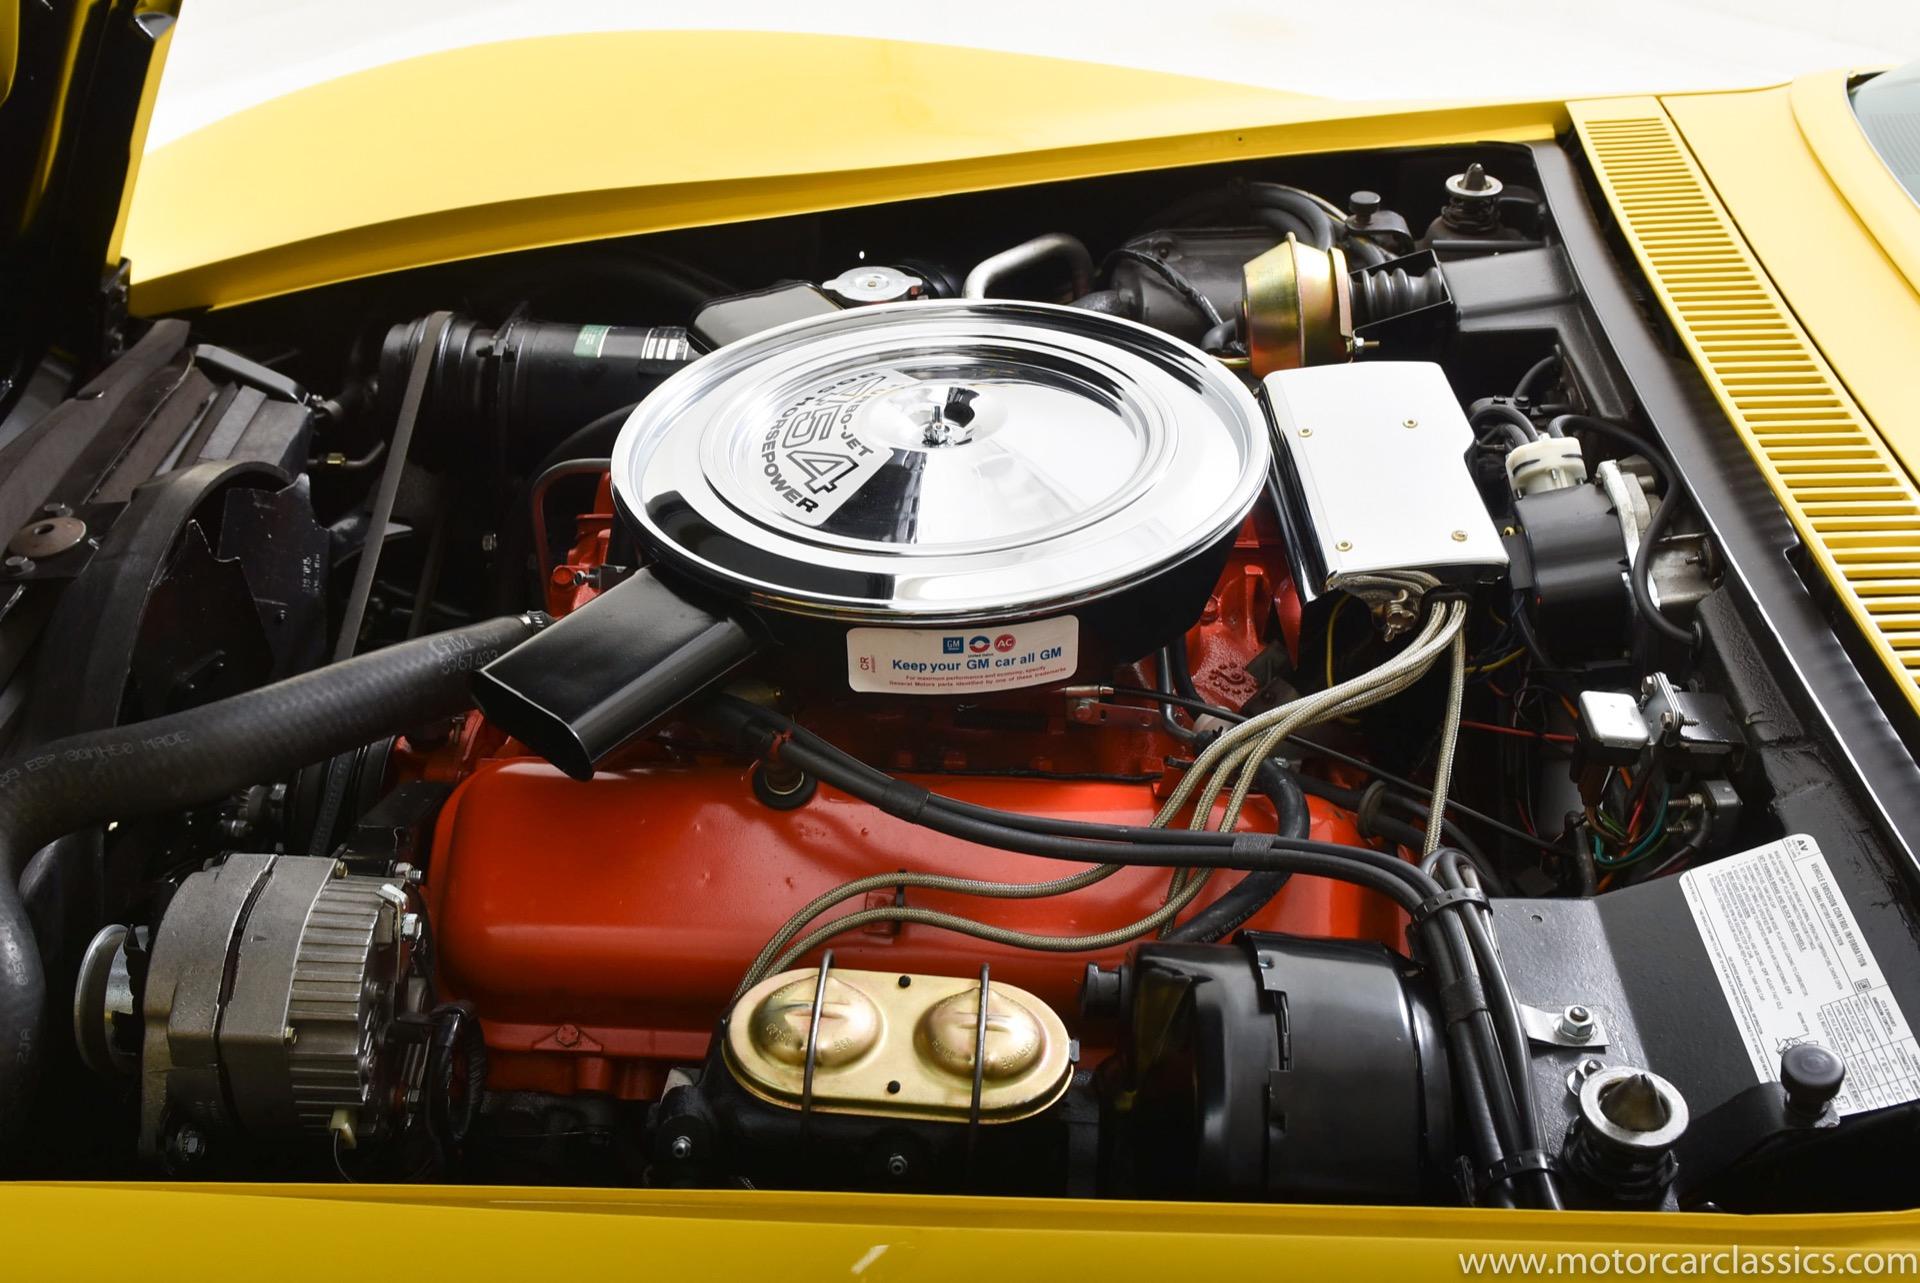 1971 Chevrolet Stingray